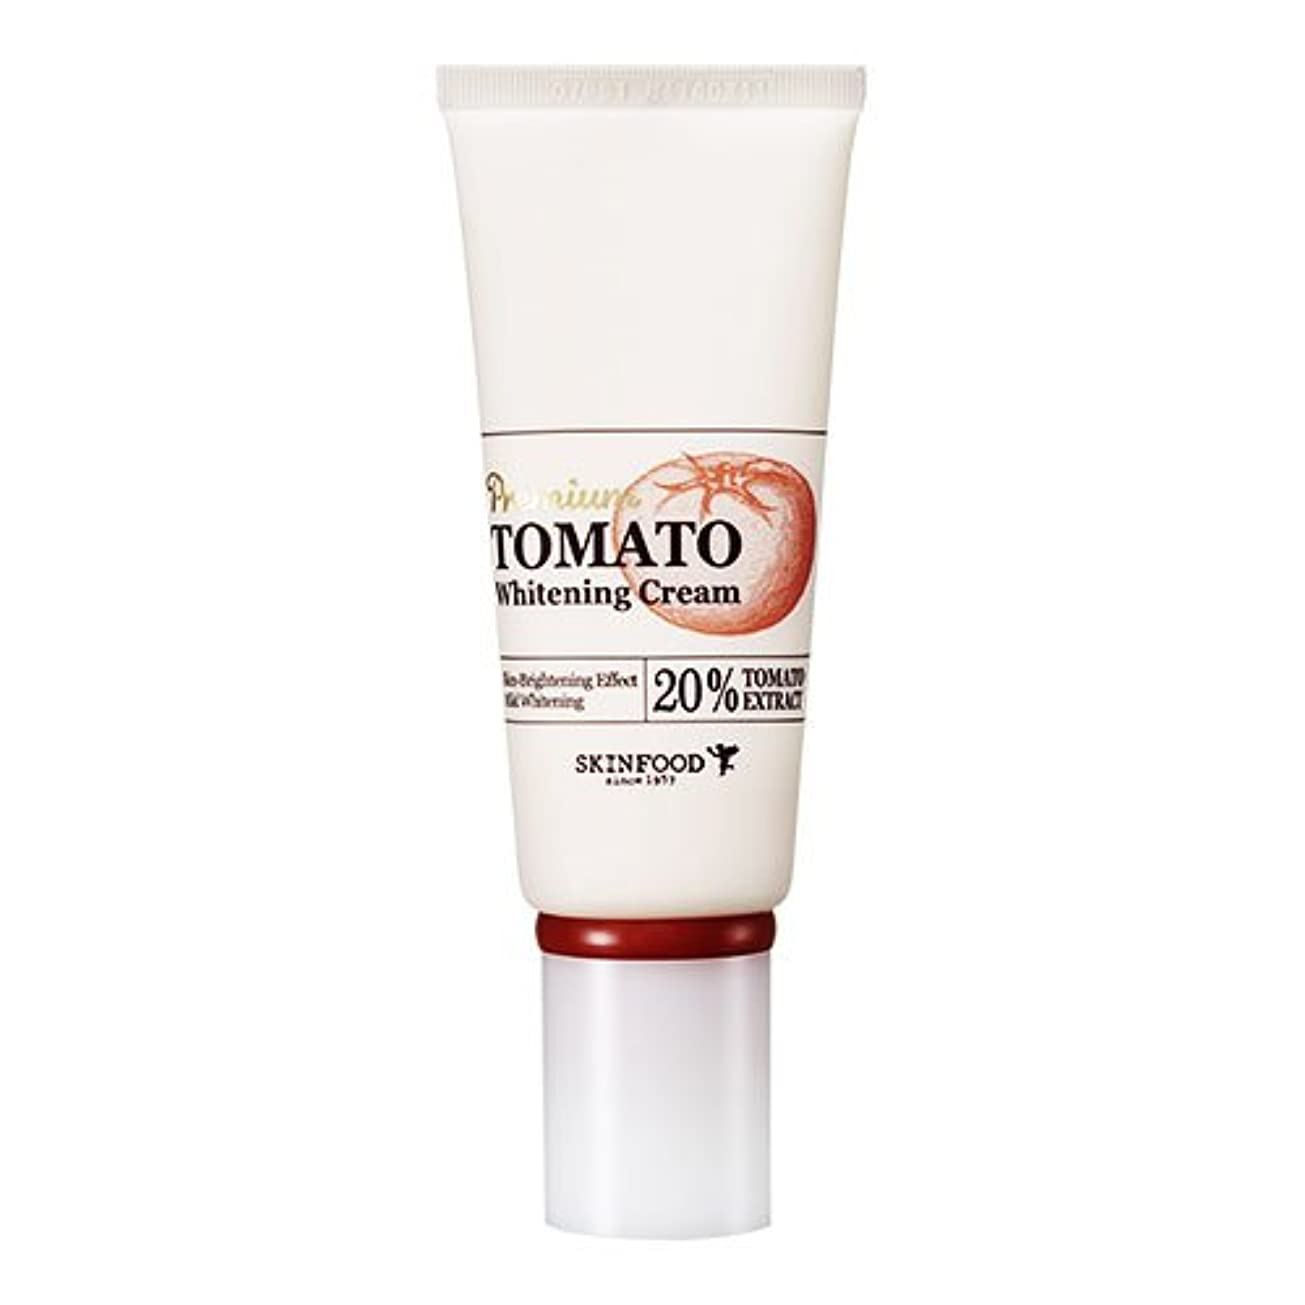 類似性ズボンジャベスウィルソンSkinfood プレミアムトマトホワイトニングクリーム(美白効果) / Premium Tomato Whitening Cream (Skin-Brightening Effect) 50g [並行輸入品]